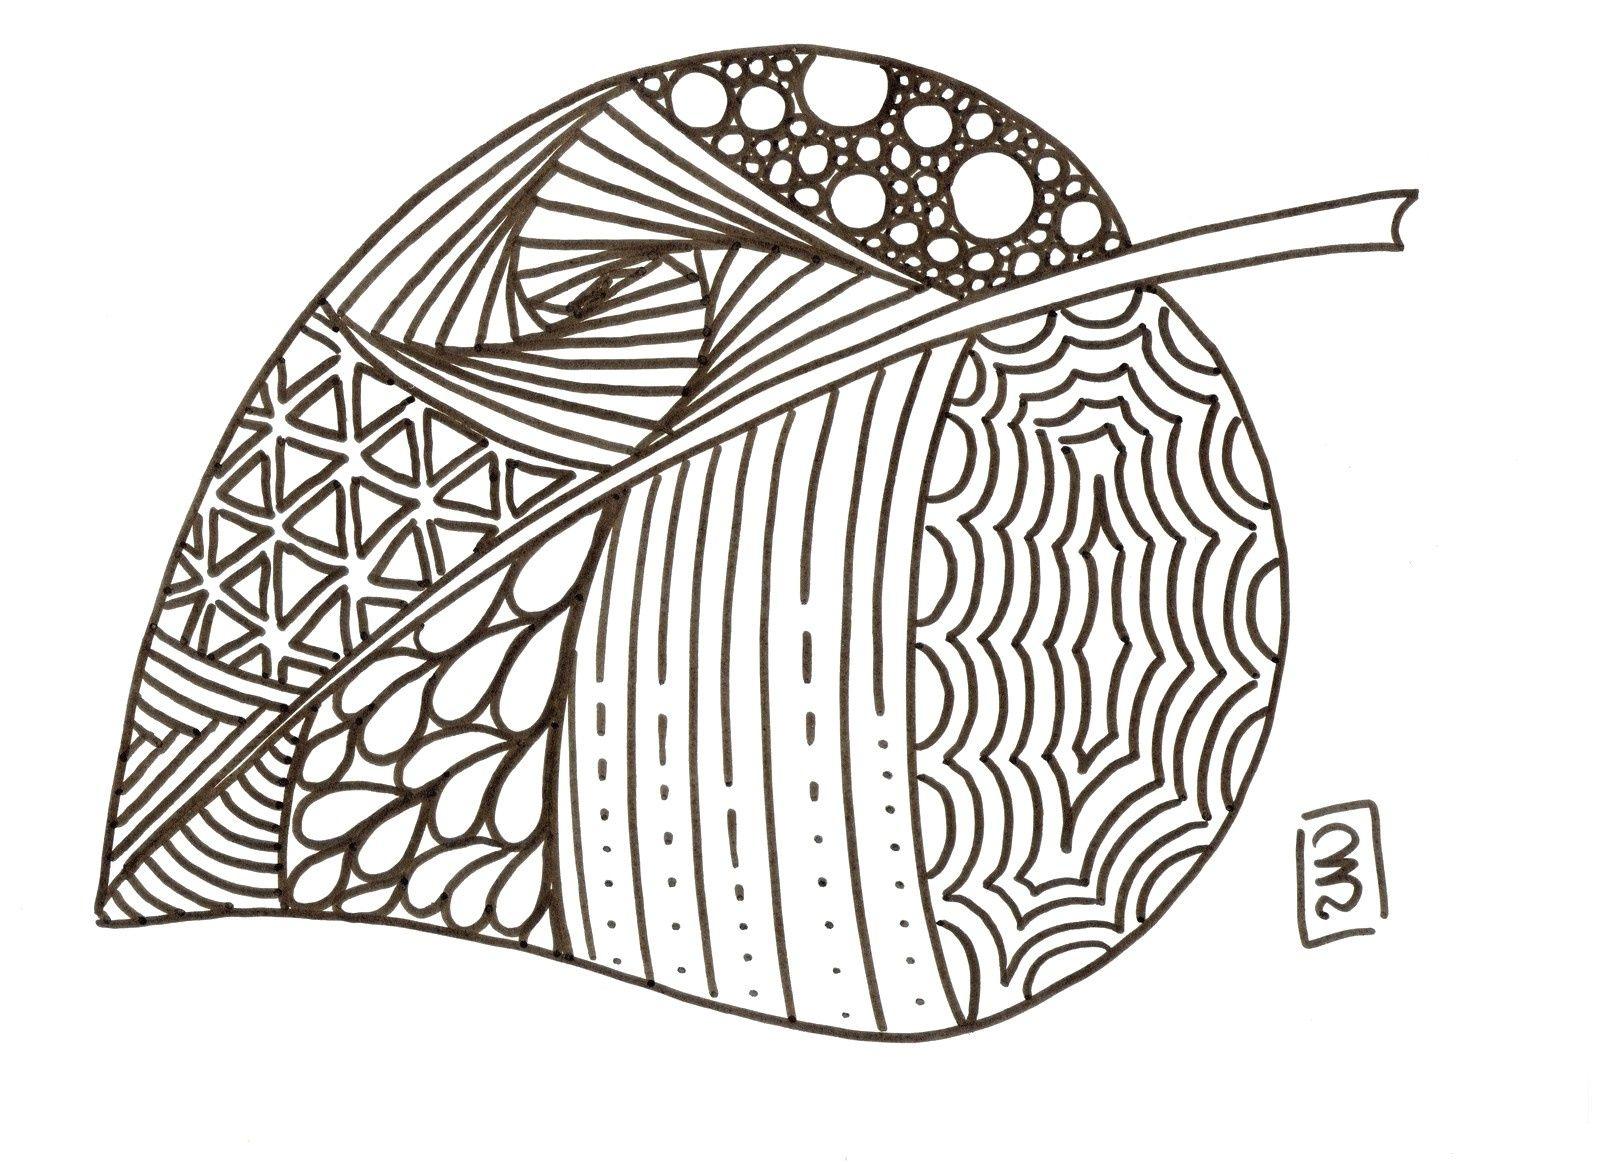 11 Calme Coloriage Feuilles Photos | Coloriage, Coloriage intérieur Feuille Lignée A Imprimer